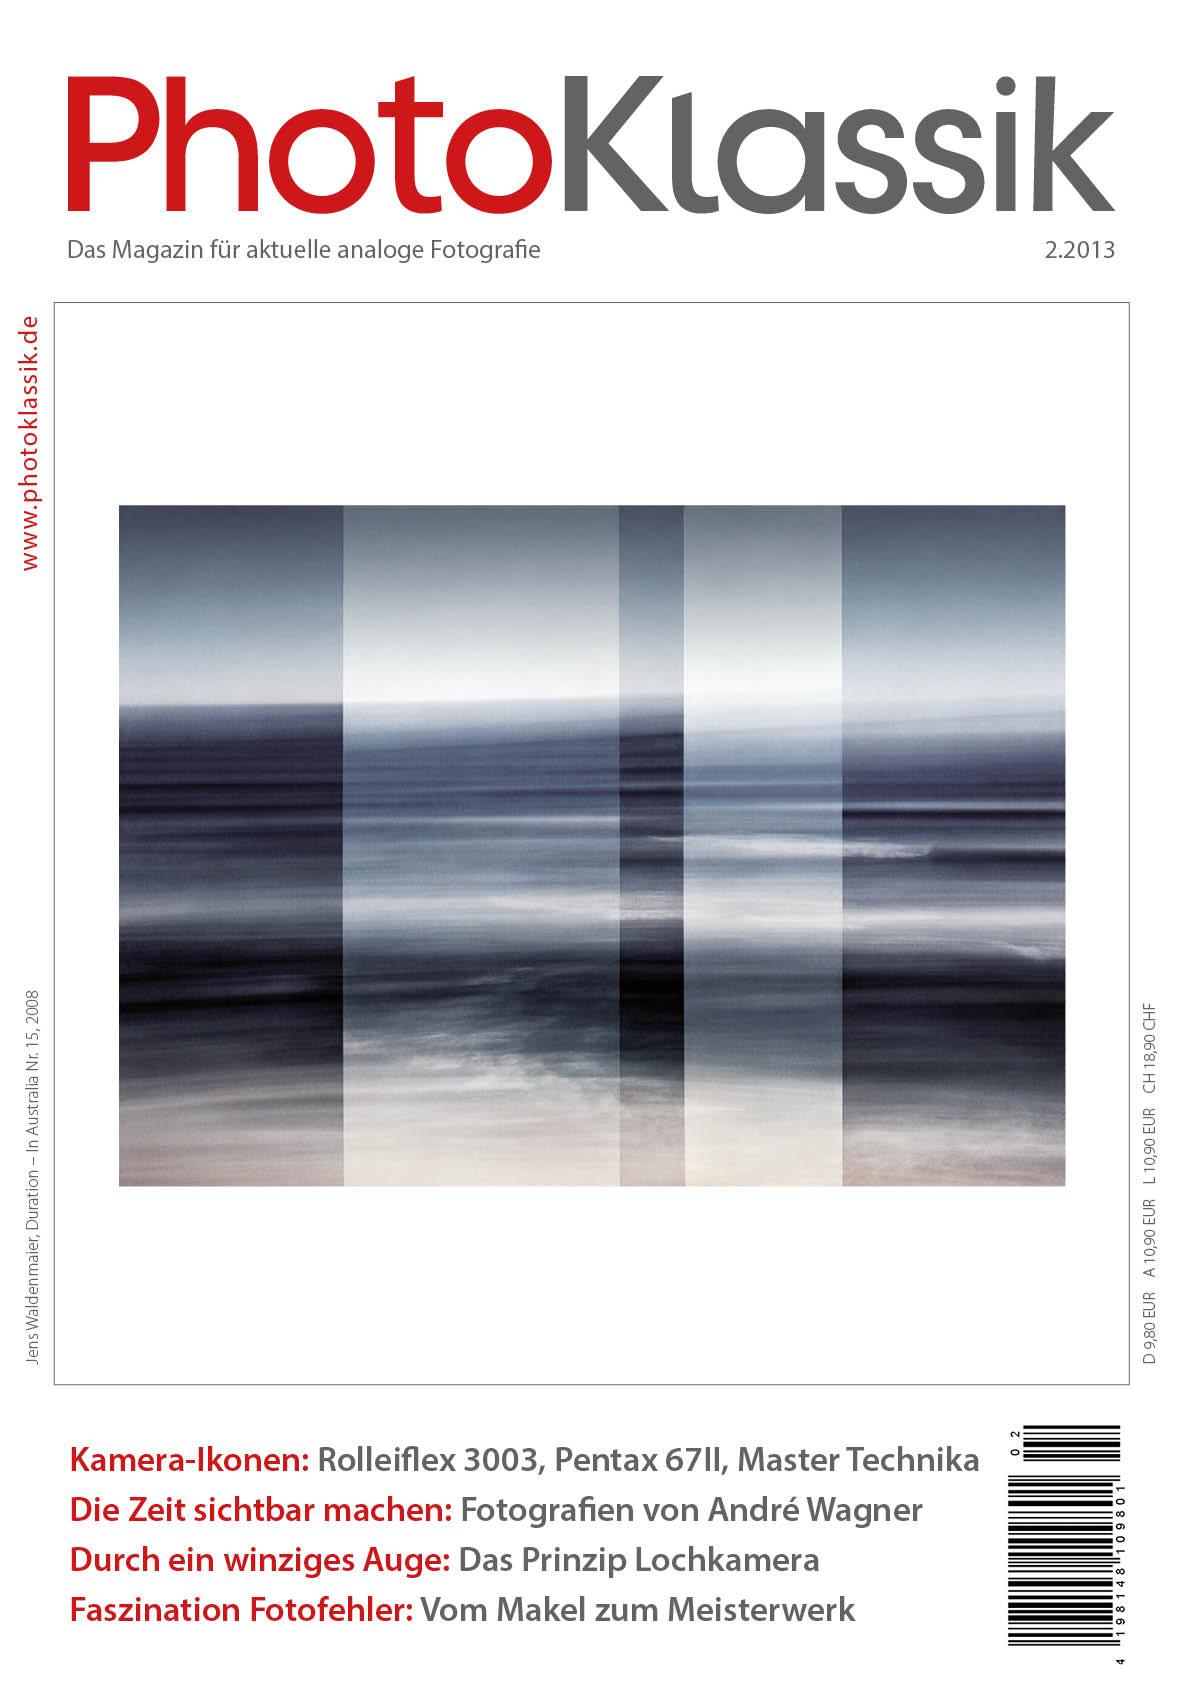 PhotoKlassik II.2013